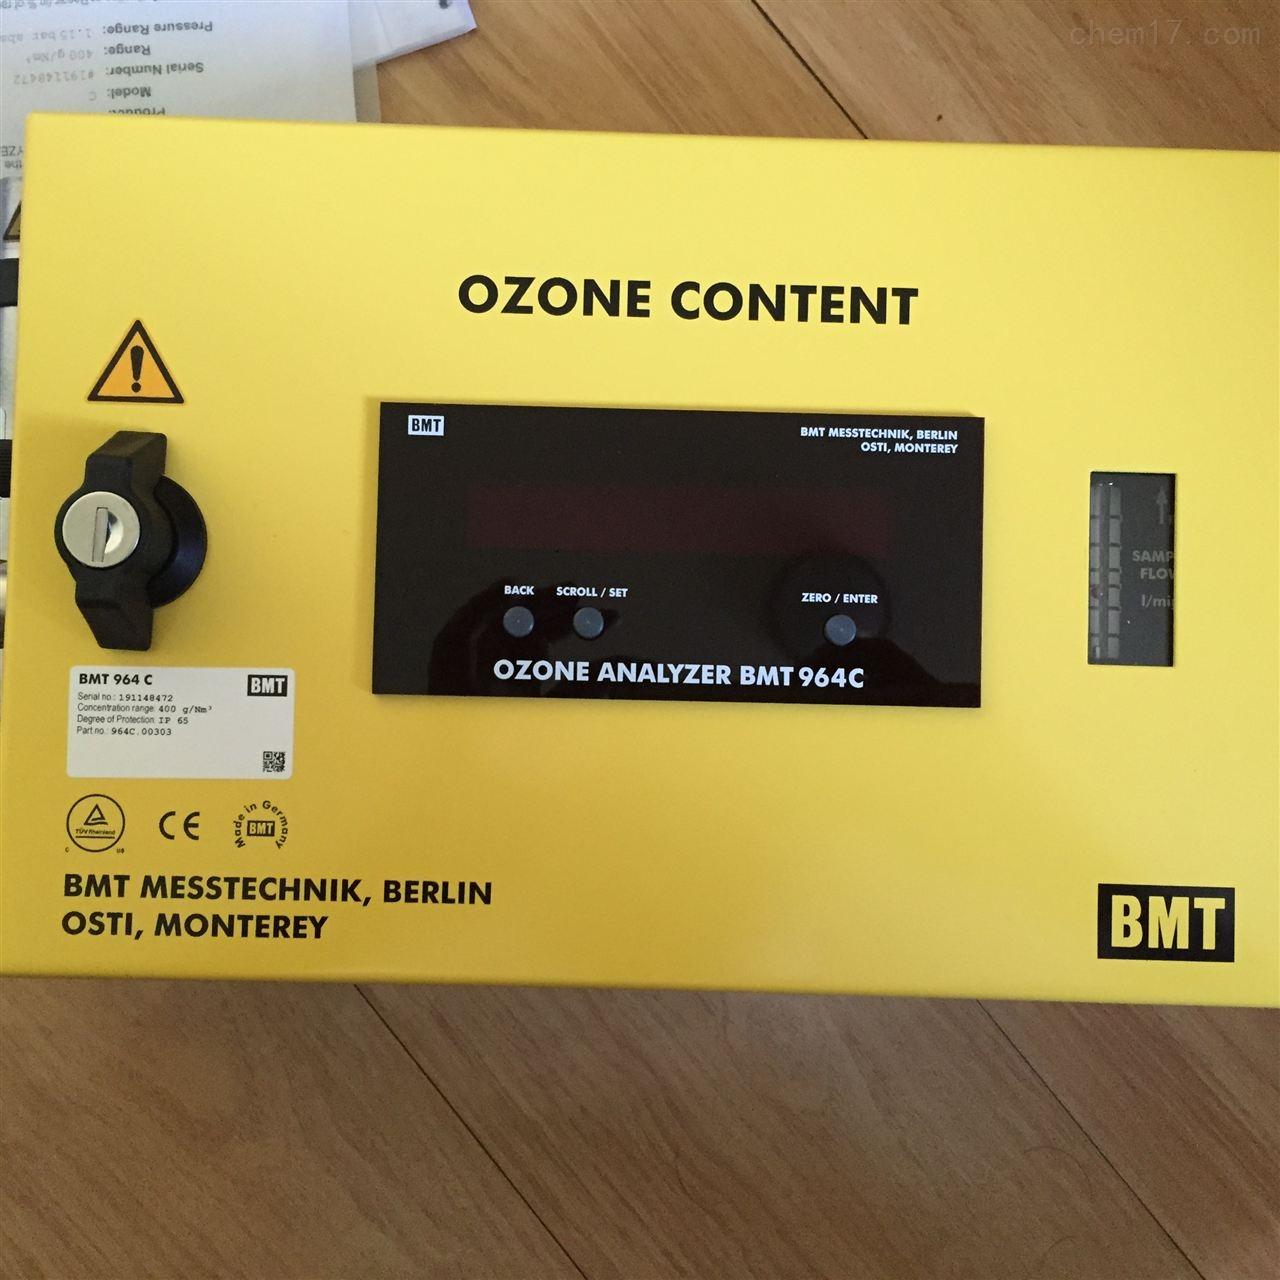 德国BMT964C壁挂式臭氧分析仪(顺丰包邮)